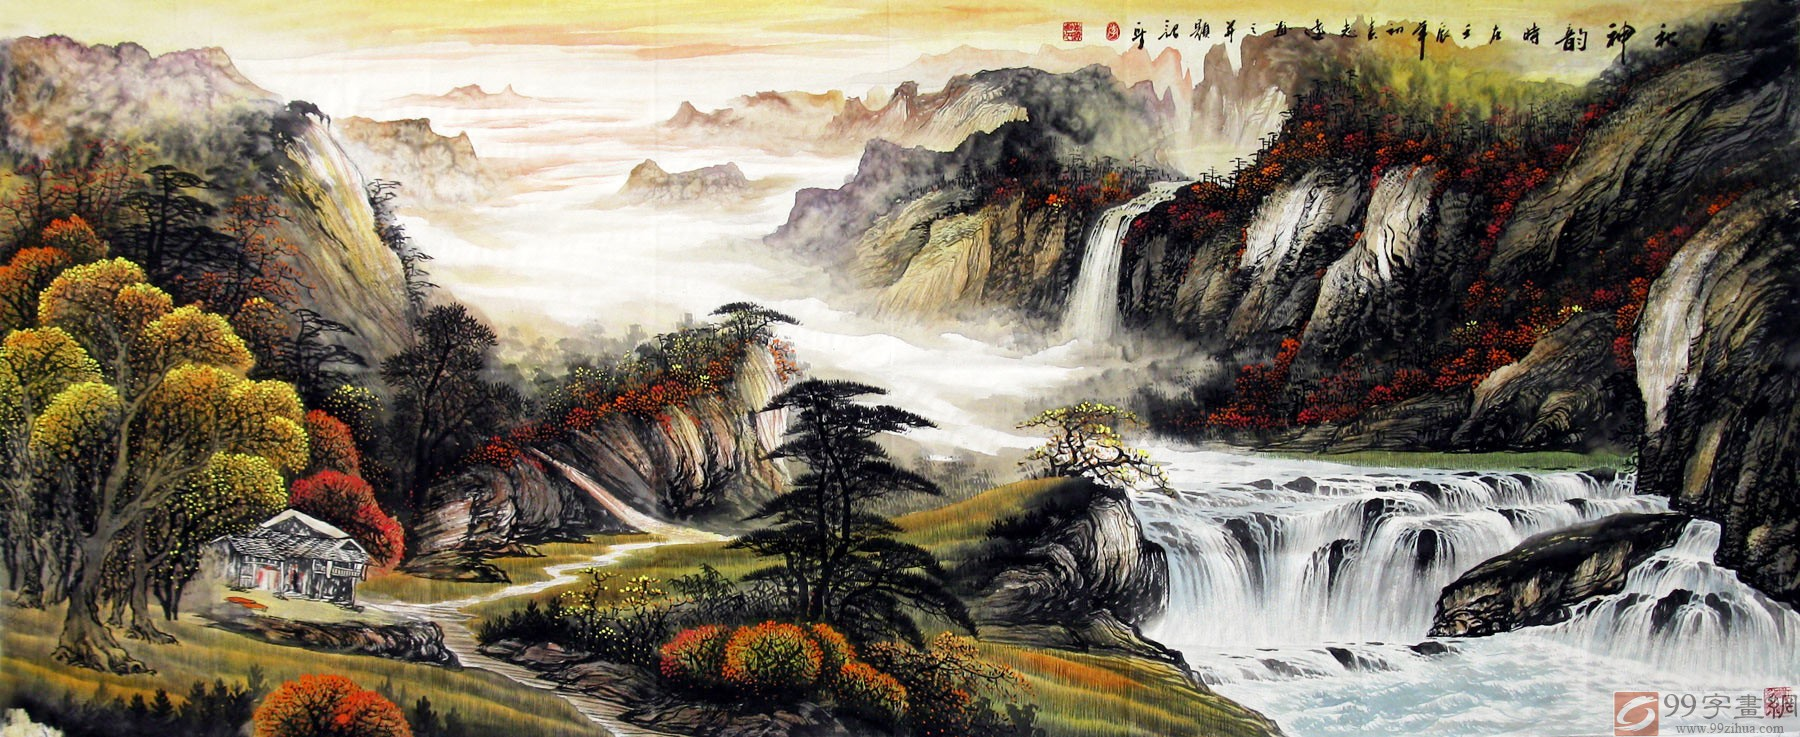 客厅写意山水画作品 - 写意山水画 - 99字画网